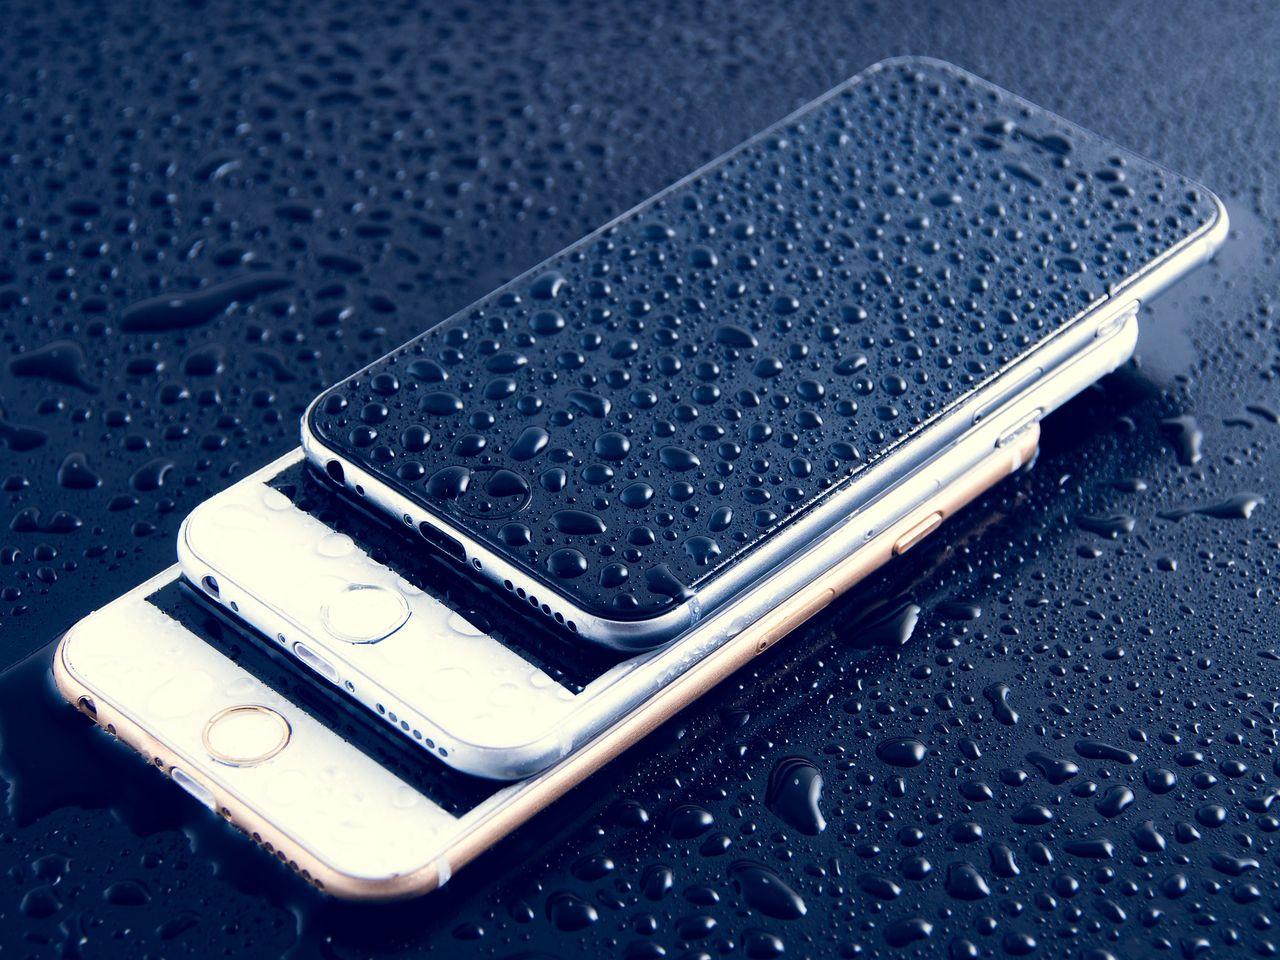 Apple får betala böter på nästan 1 miljard dollar till Samsung